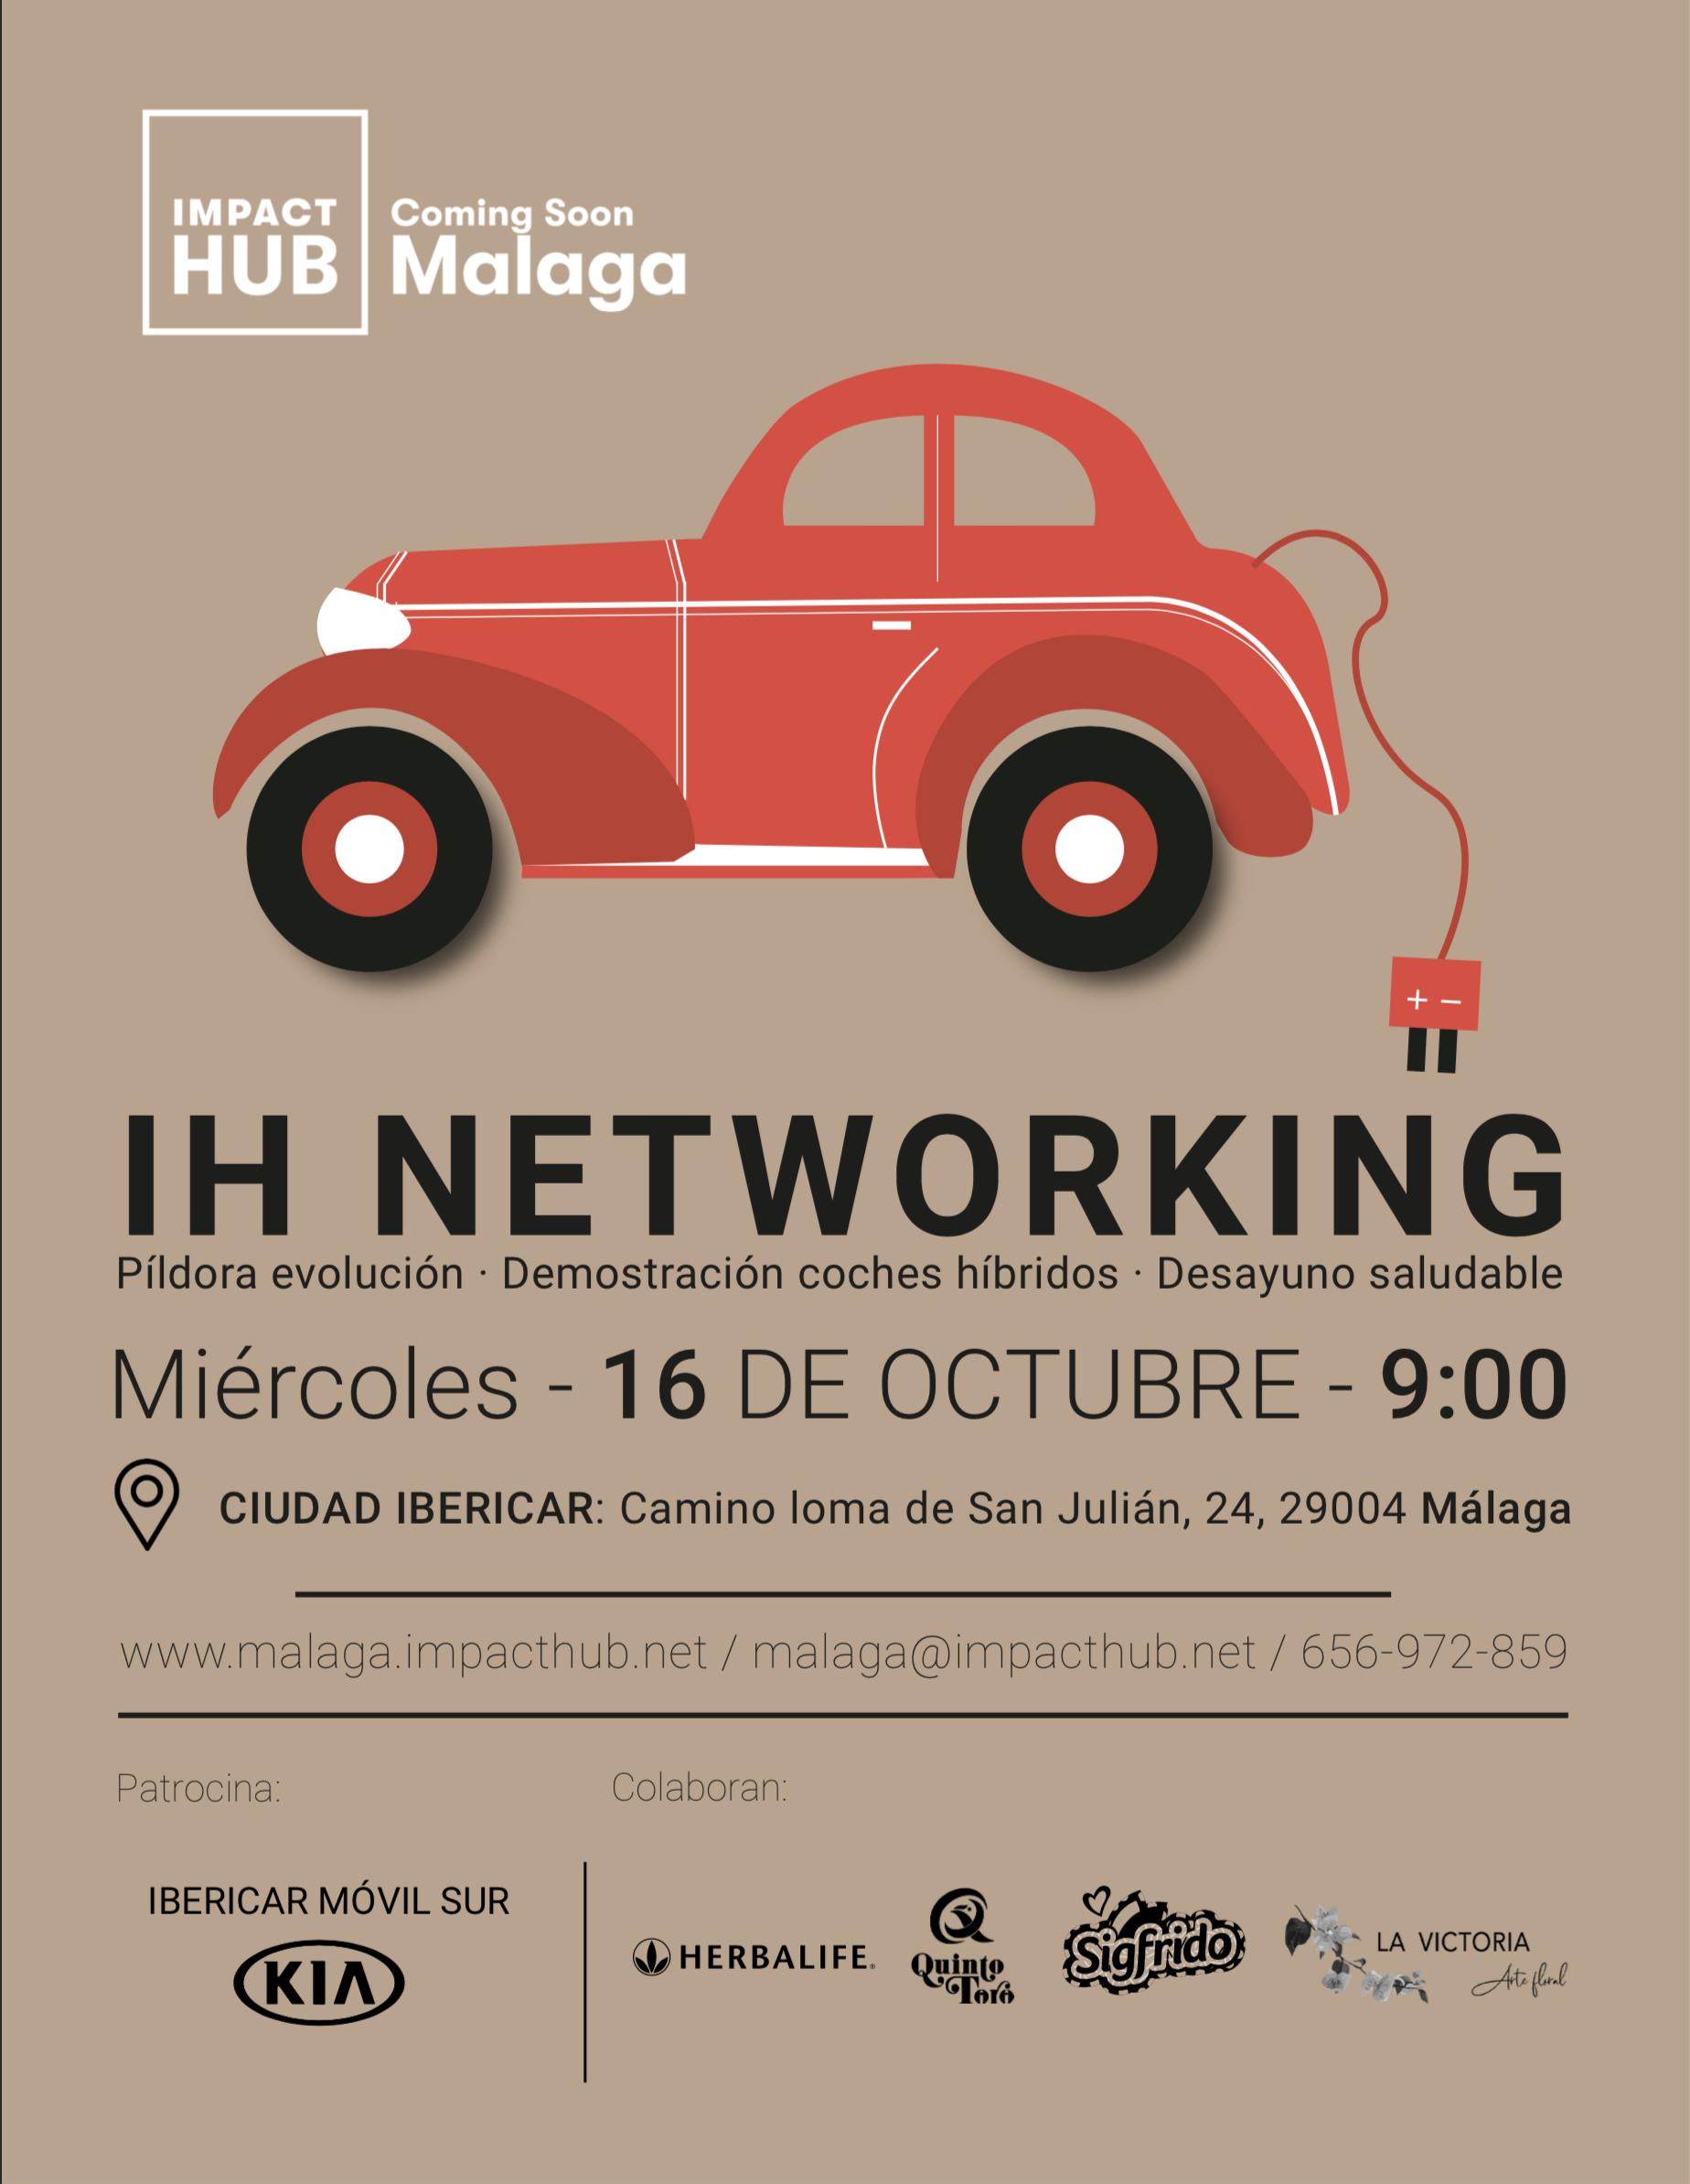 IH Networking Málaga presentación